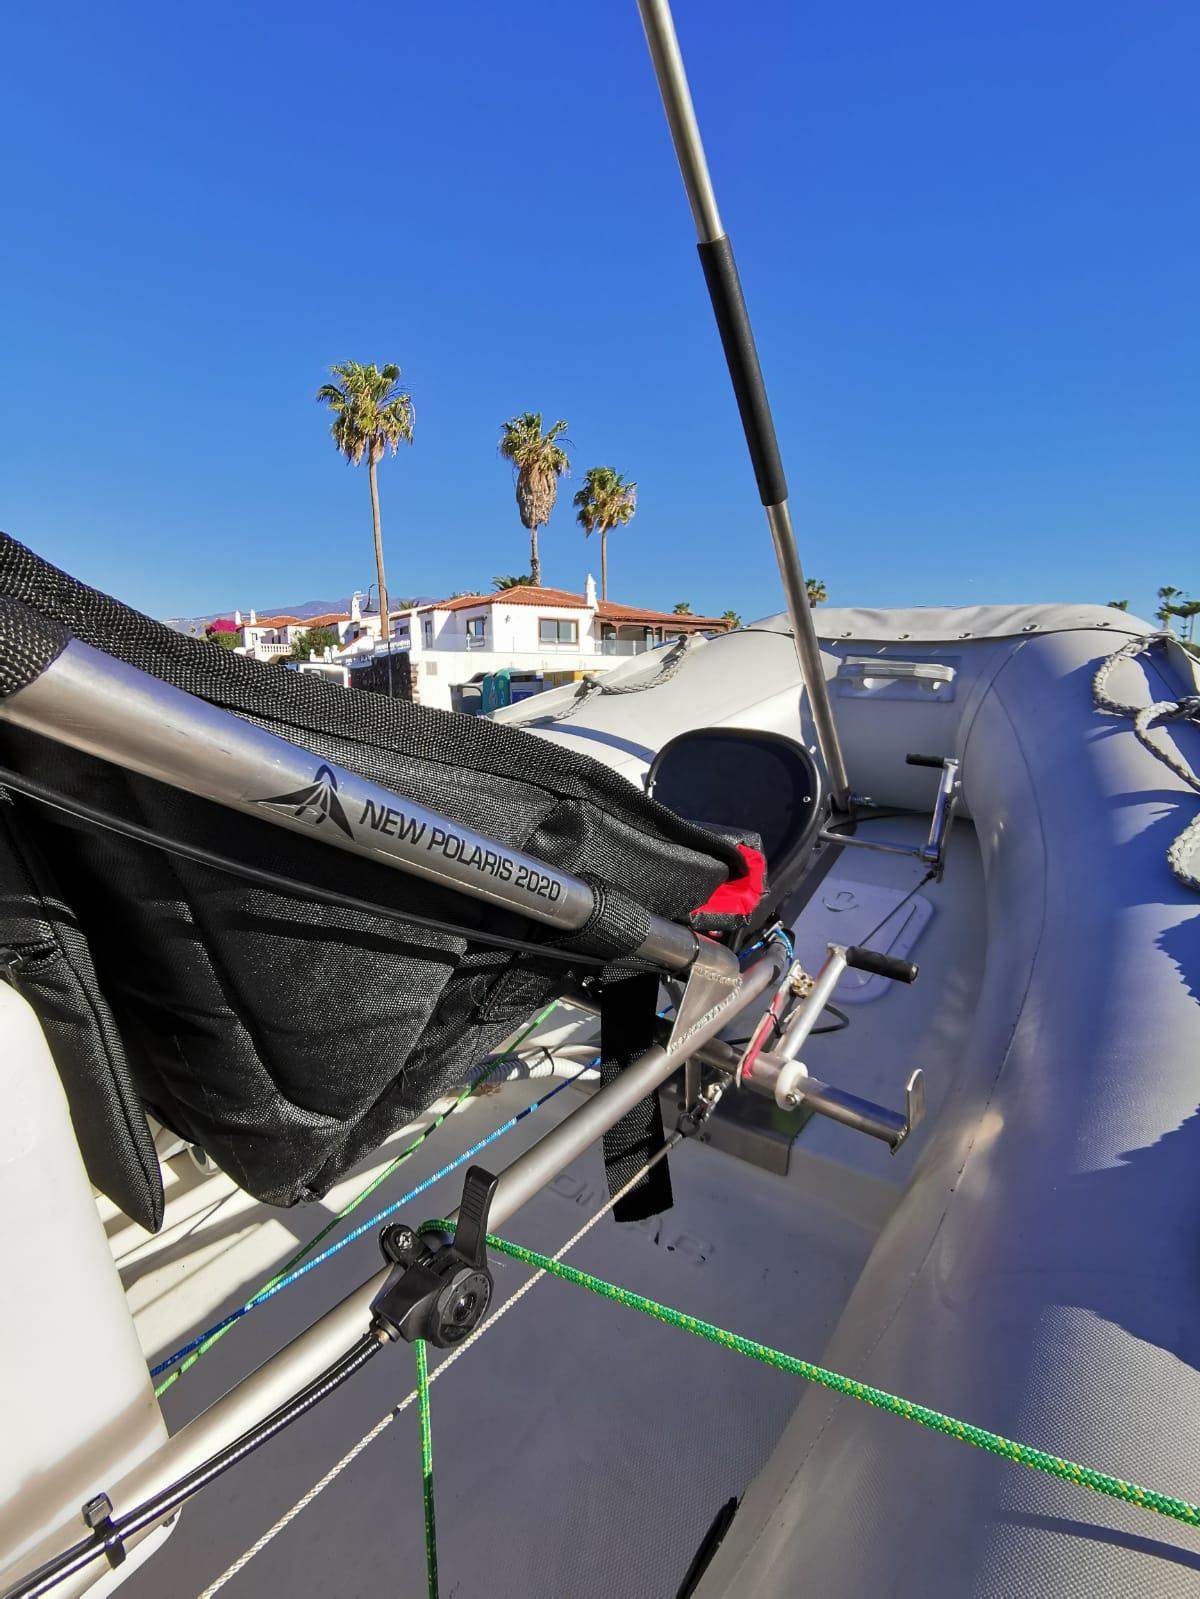 detail du cockpit bateau volant new polaris 2020